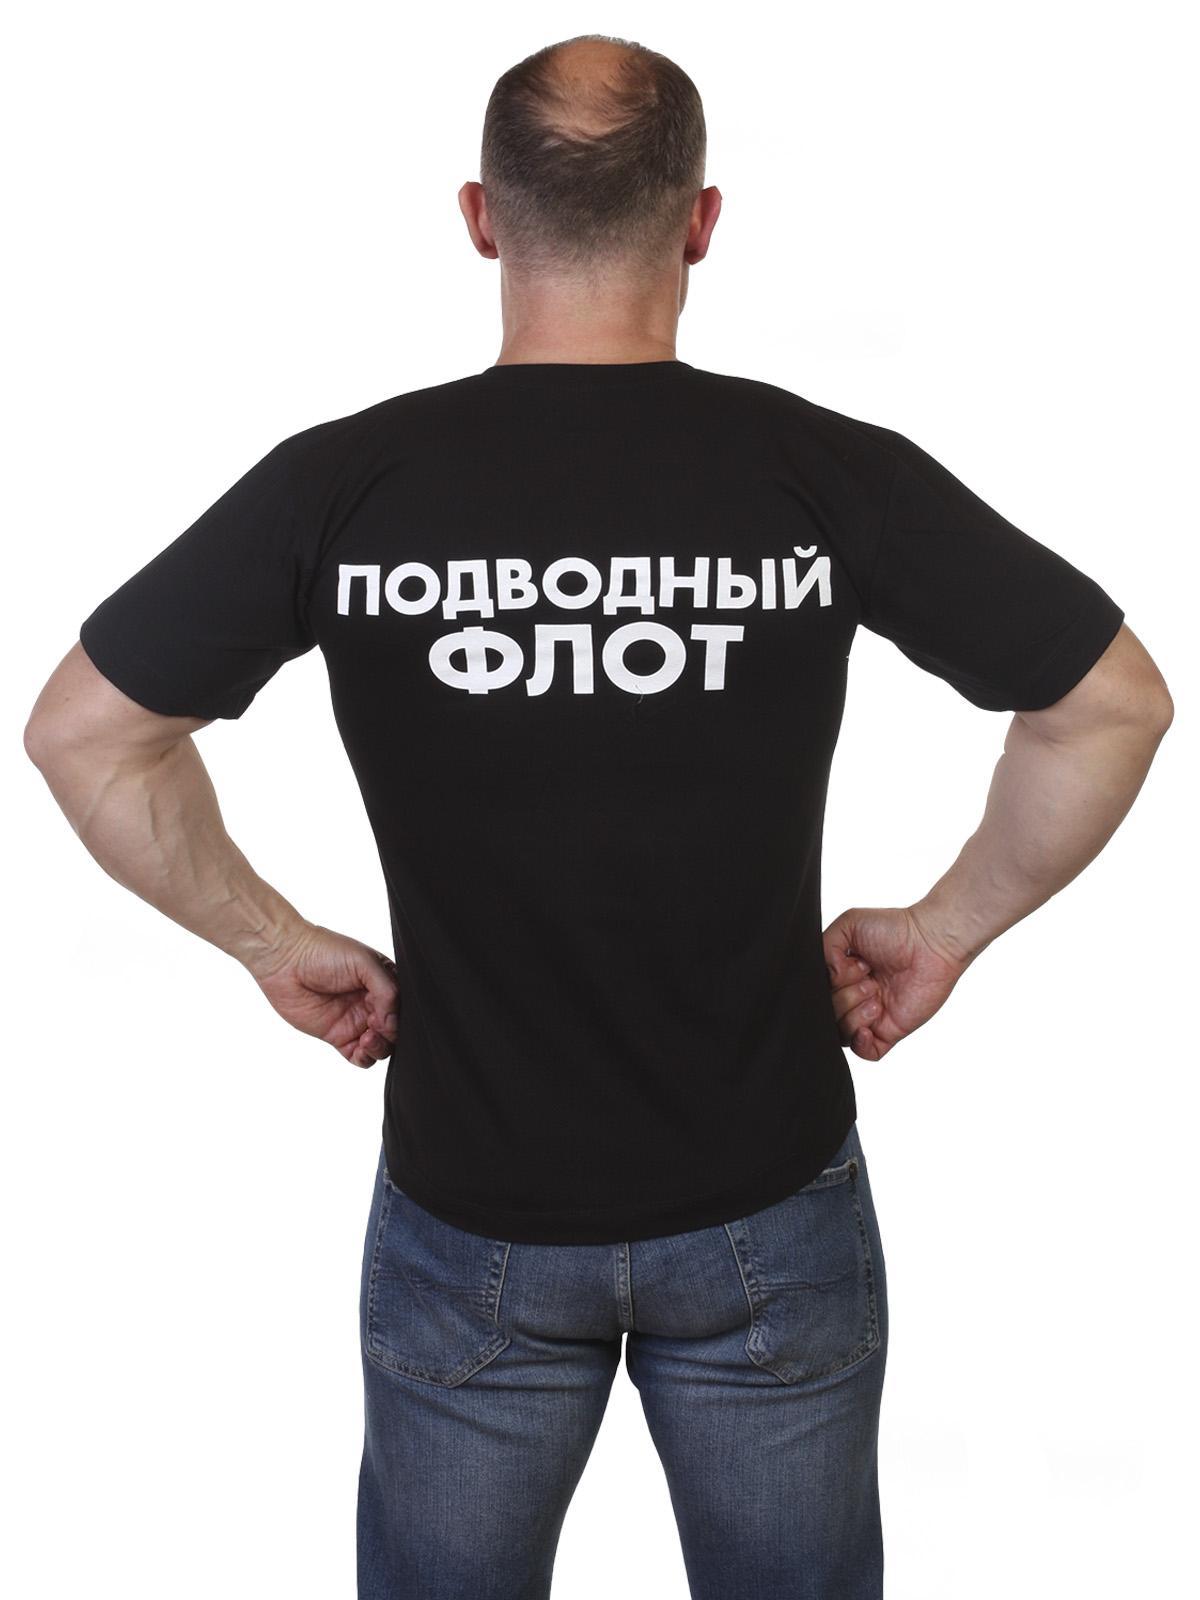 Футболка Подводный флот России по выгодной цене